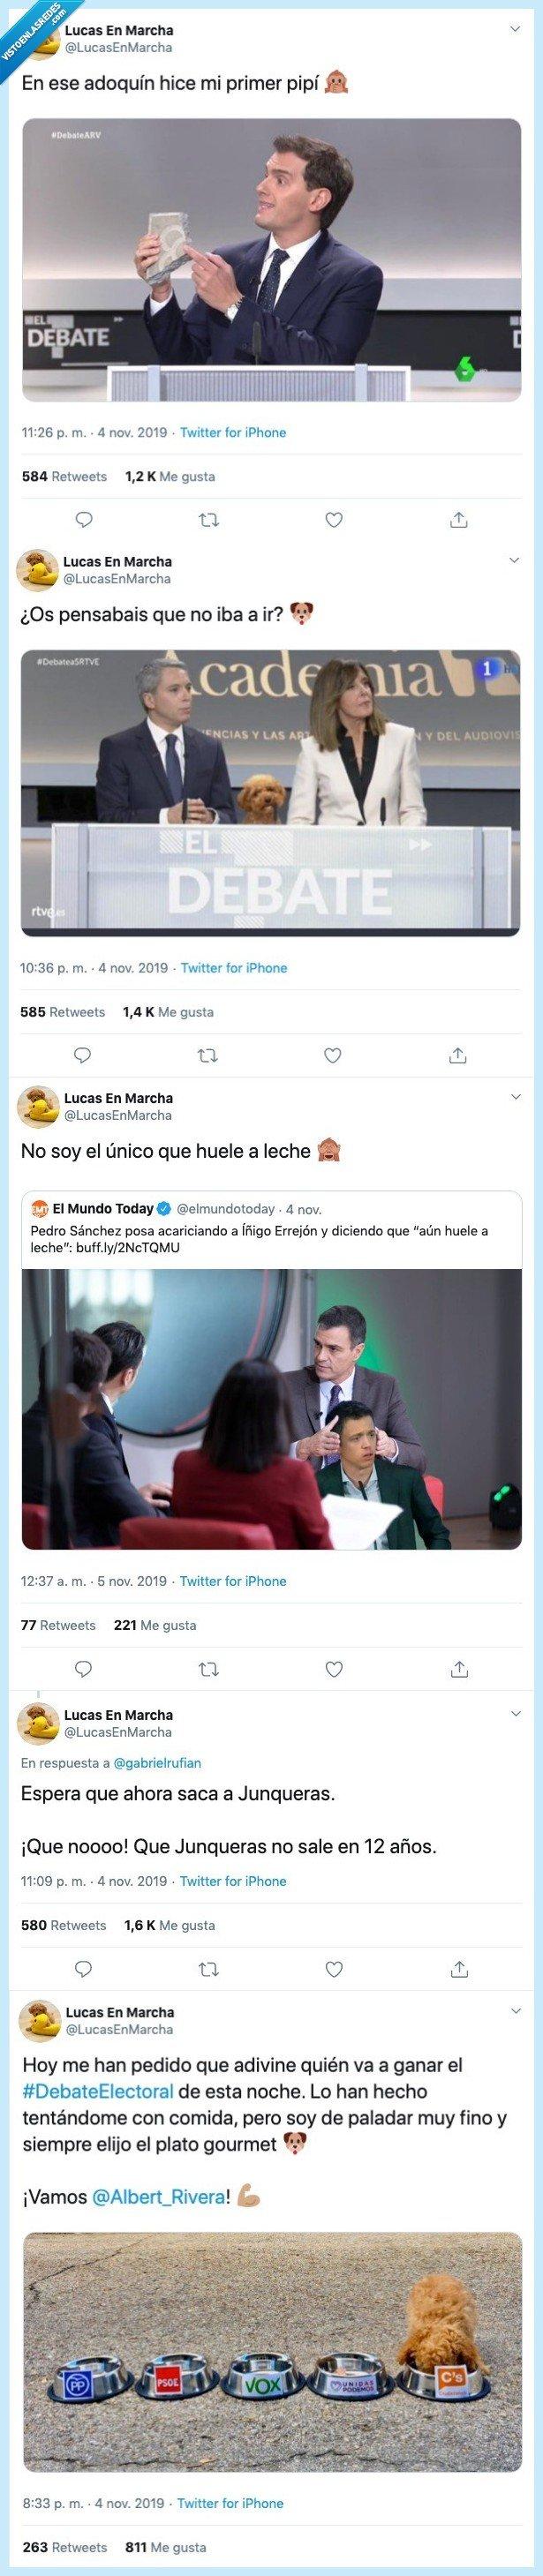 https://twitter.com/LucasEnMarcha